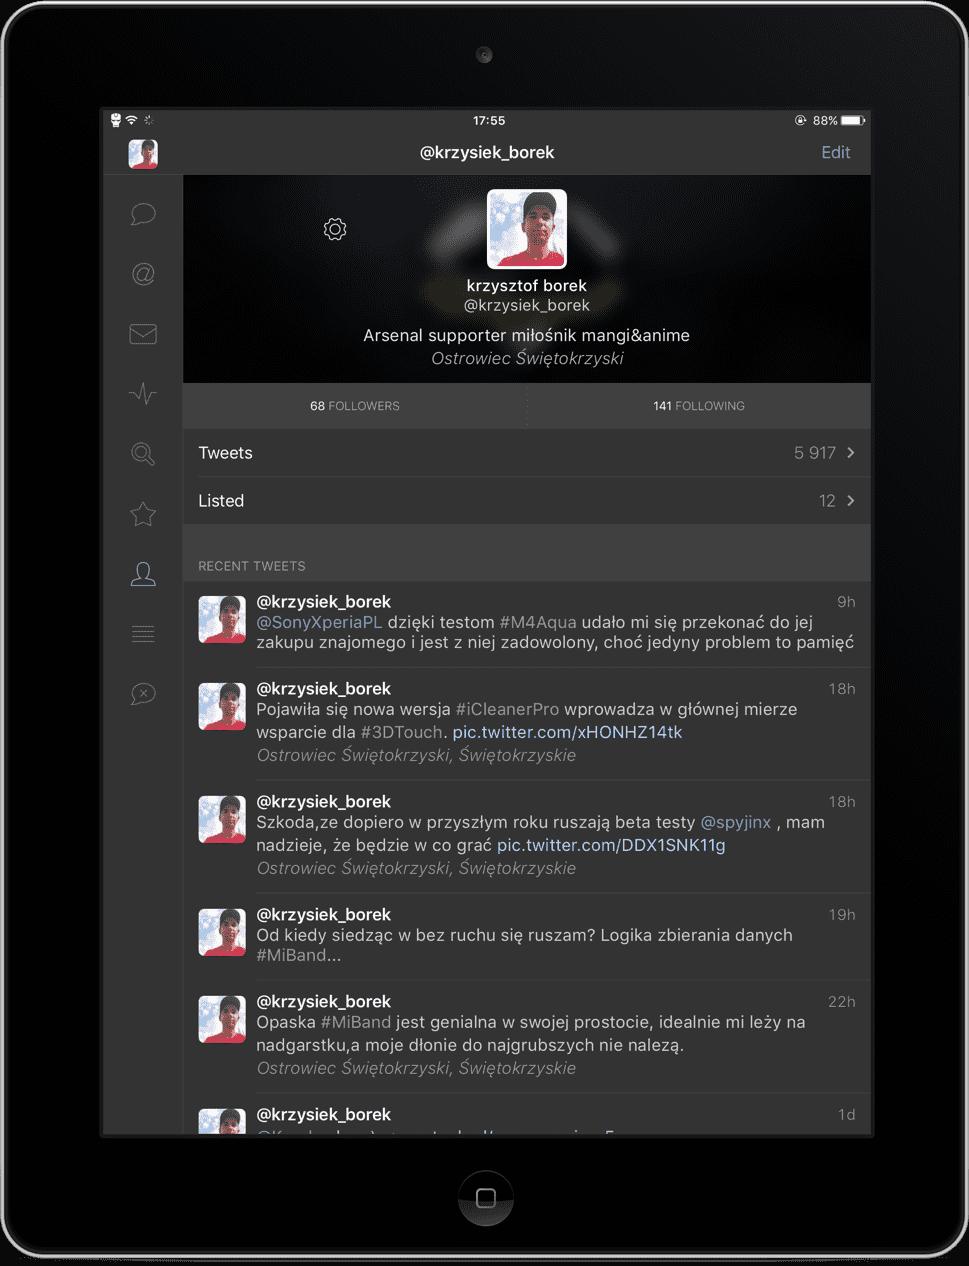 Tweetbot 4 - recenzja aplikacji recenzje, ciekawostki Tweetbot 4 polska recenzja, tweetbot 4 na iphone, Tweetbot 4 na iPad, tweetbot 4, recenzja Tweetbot 4  Korzystałem z wielu klientów firm trzecich do używania swojego Twittera, wiele z nich było udanych, a inne w ogóle nie odpowiadały moim gustom. W końcu postanowiłem sprawdzić Tweetbota na iOS, choć długo zastanawiałem się nad wydaniem na niego prawie 25 złotych. Teraz wiem, że były to odpowiednio ulokowane pieniądze. IMG 1121